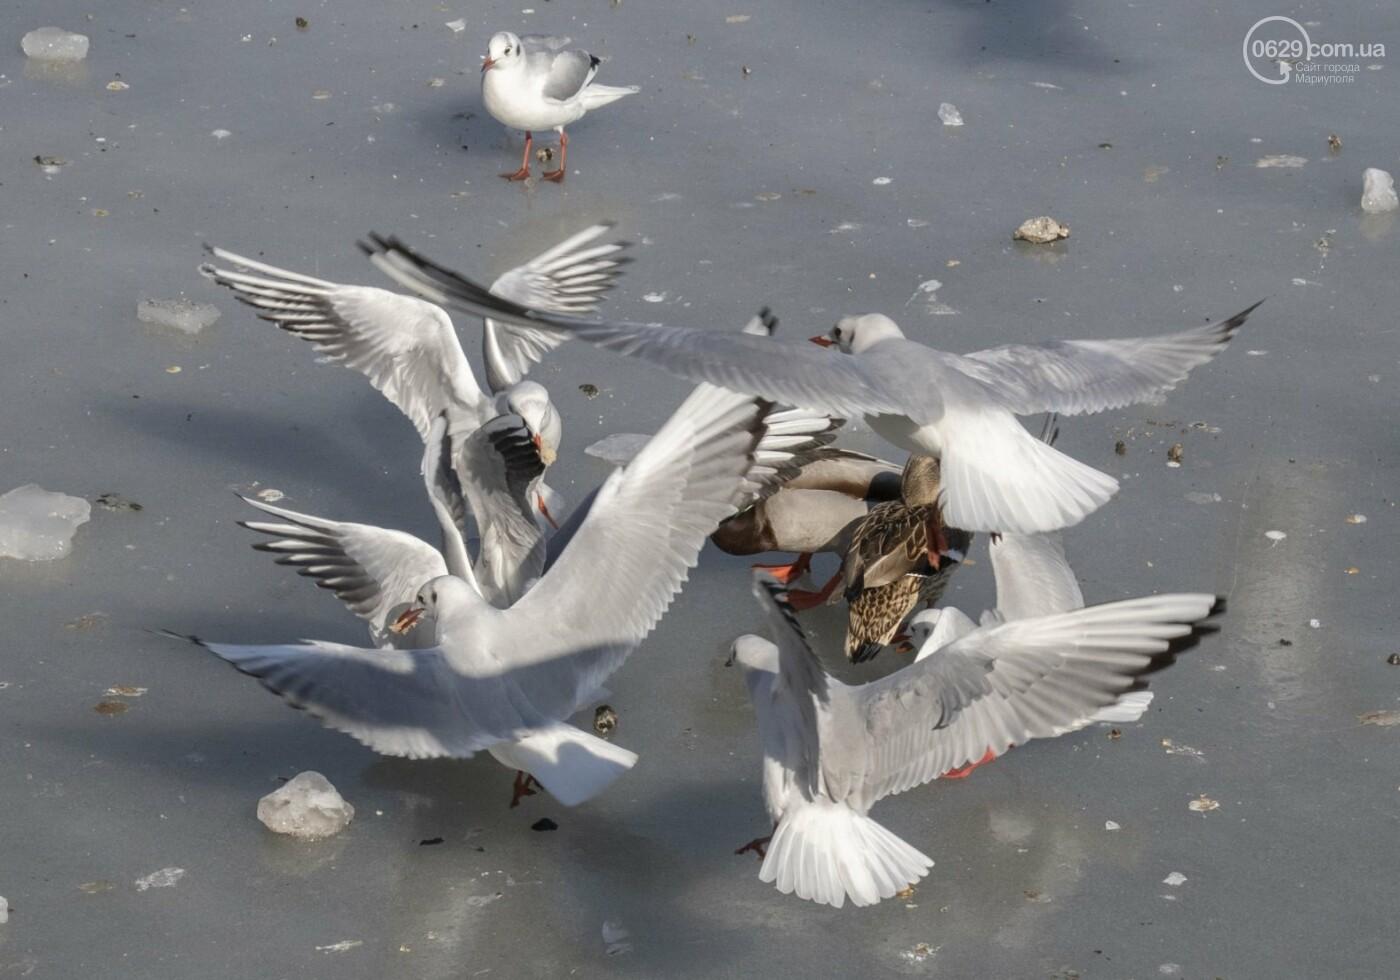 Встать в центр моря и не утонуть. 20 фотографий зимнего Азова в Мариуполе, - ФОТОРЕПОРТАЖ, фото-4